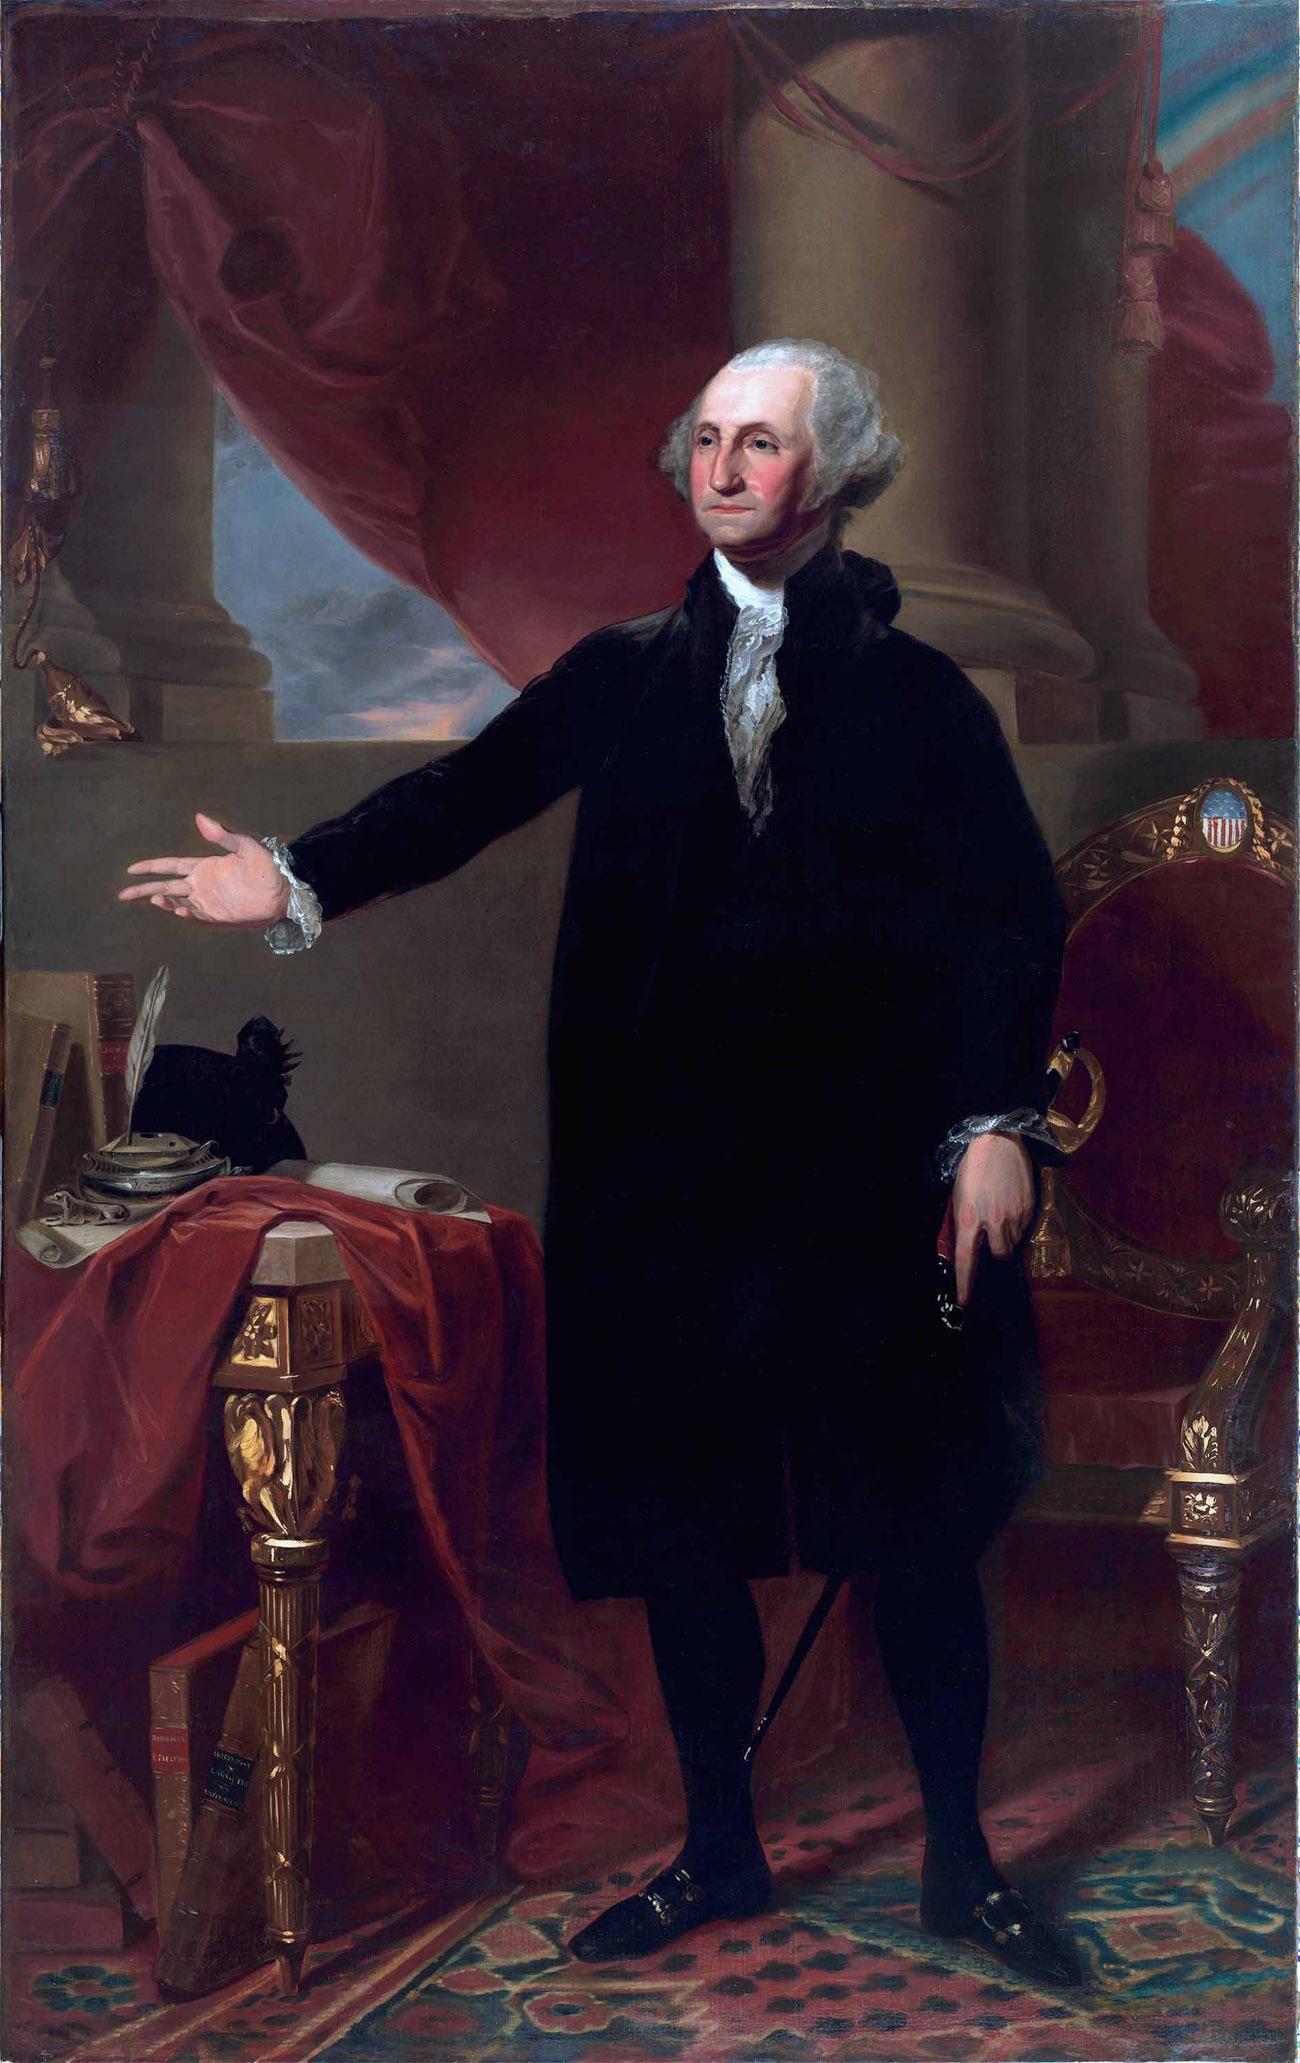 George Washington / Audubon